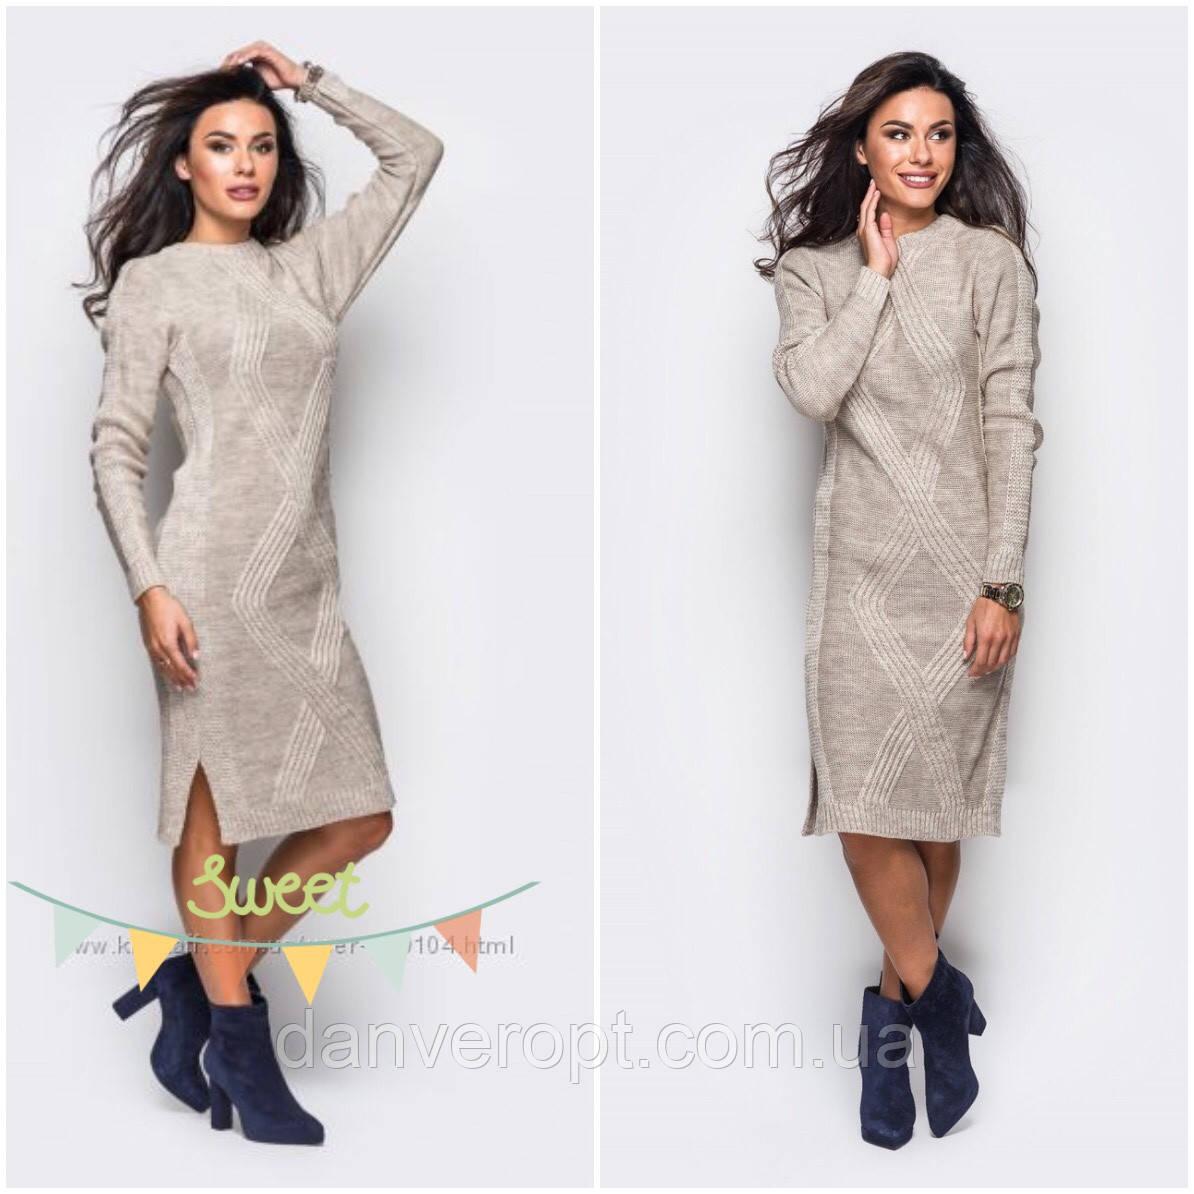 Платье женское стильное вязаное размер универсальный 44-52 купить оптом со склада 7км Одесса